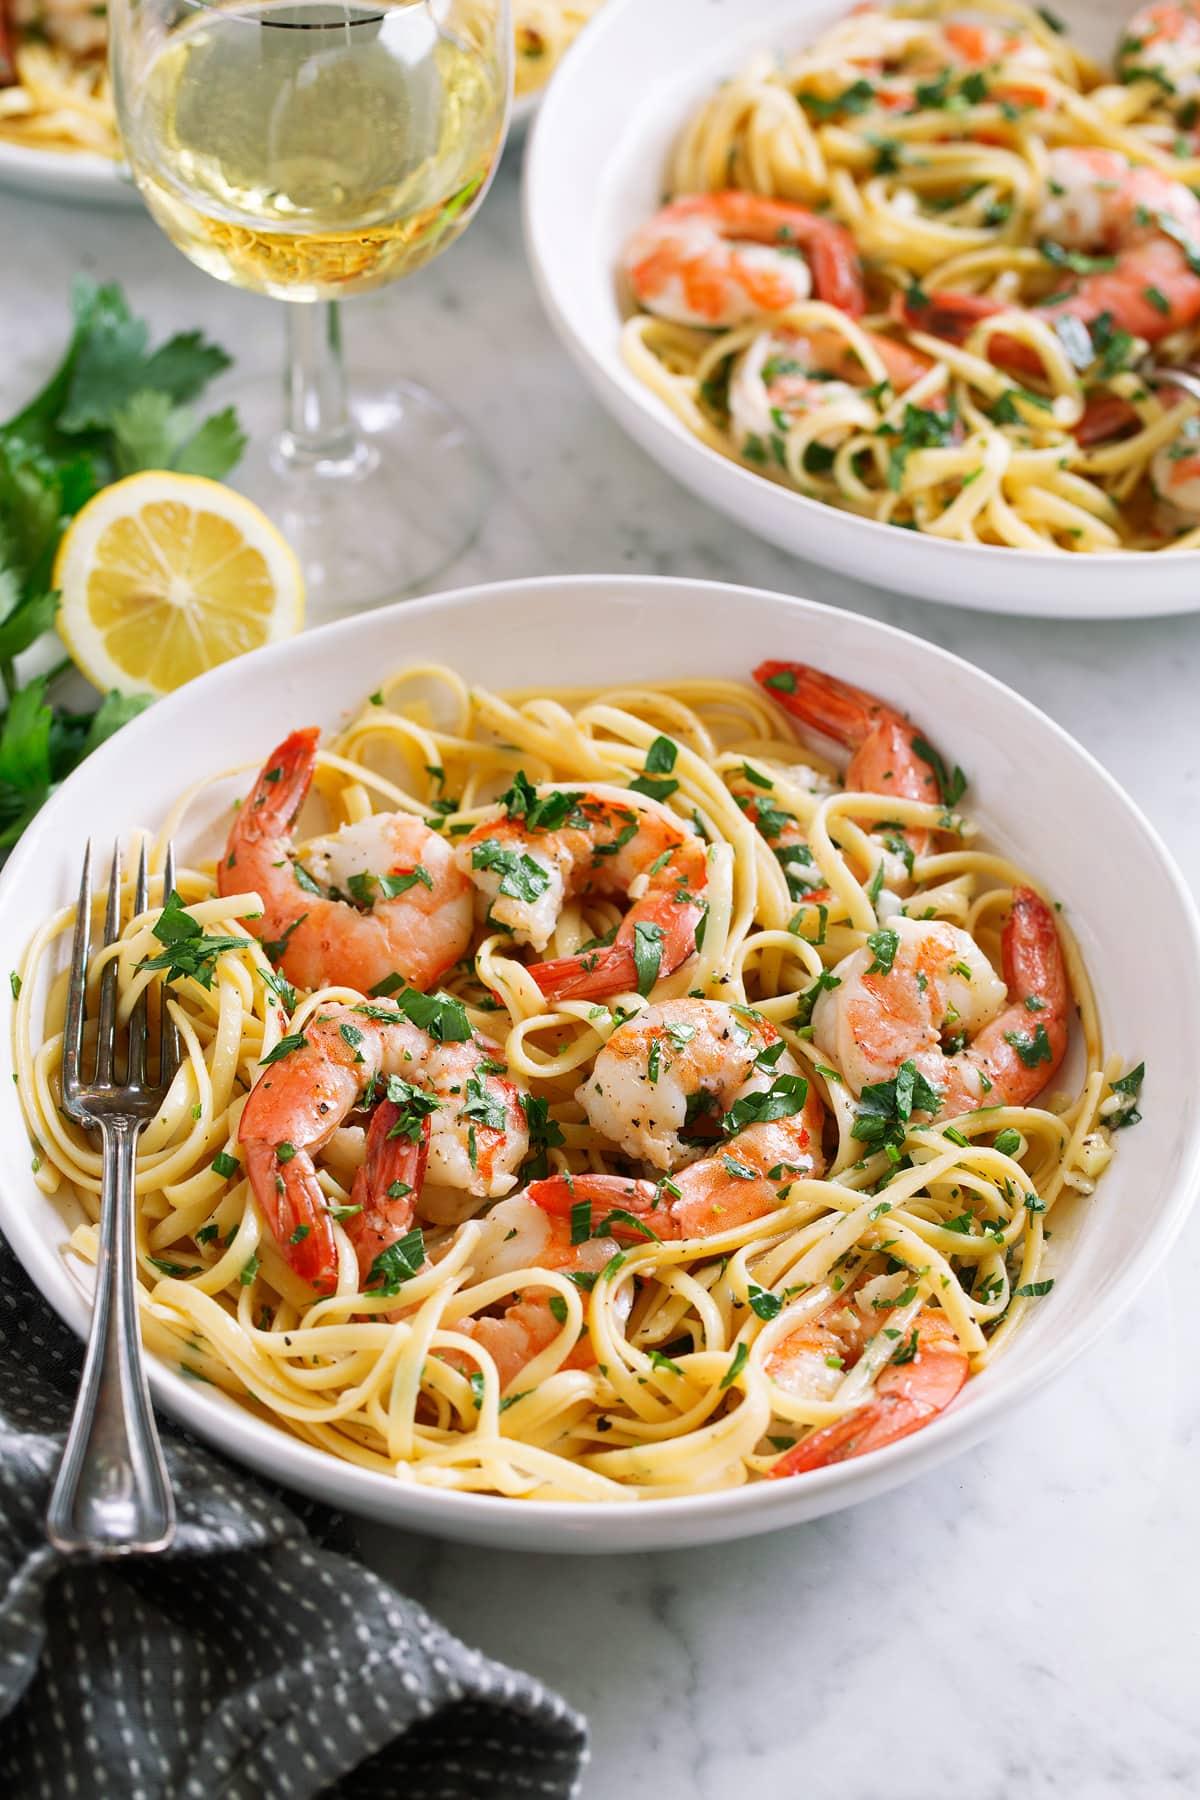 Shrimp scampi servings in pasta bowls.